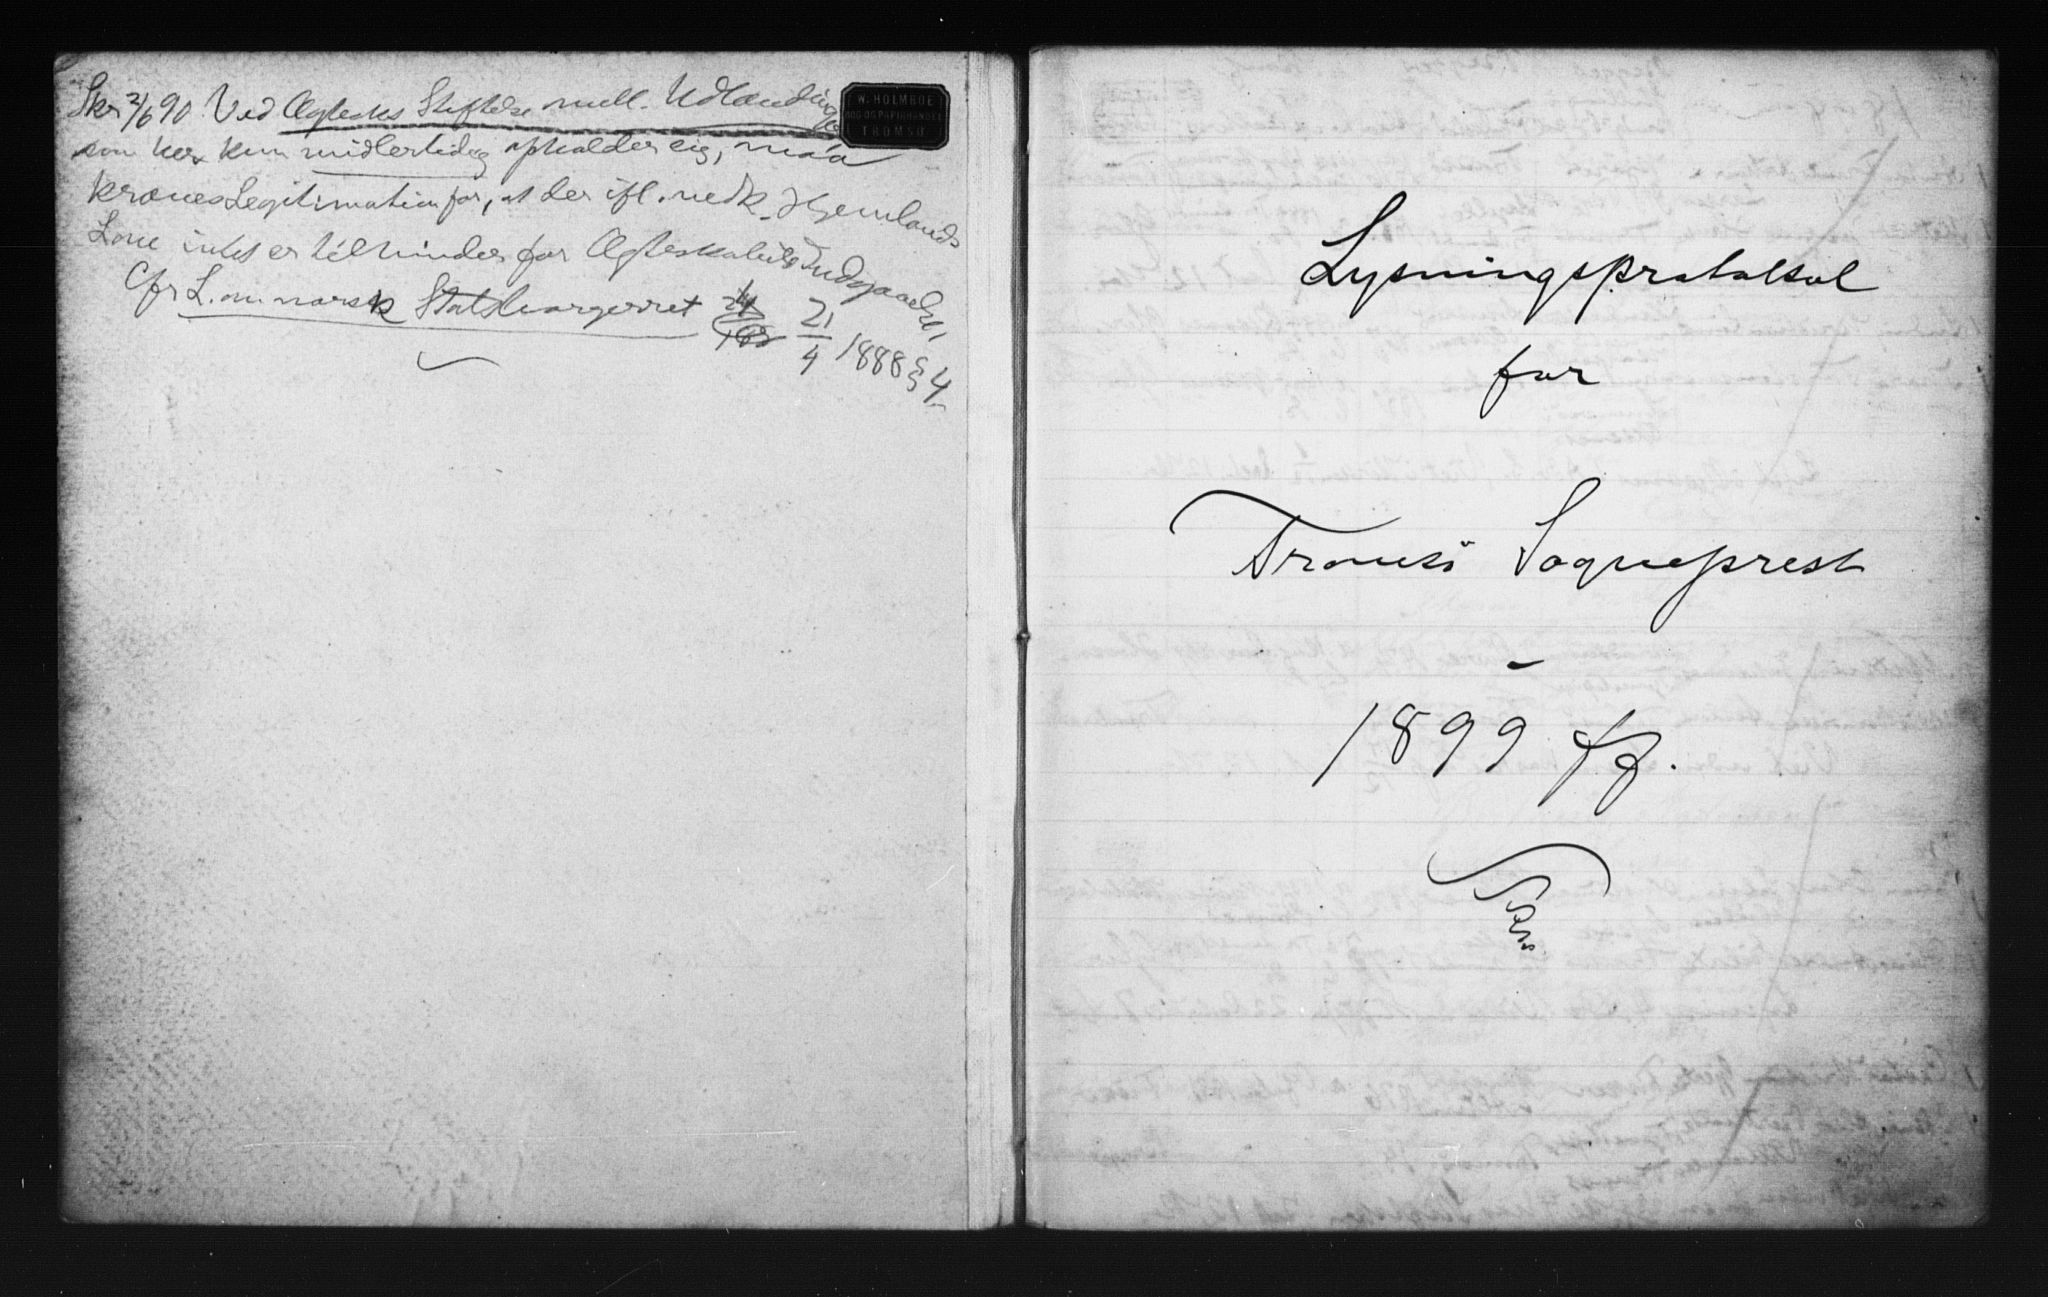 SATØ, Tromsø sokneprestkontor/stiftsprosti/domprosti, H/Hc/L0099/0003: Lysningsprotokoll nr. 7, 1899-1901